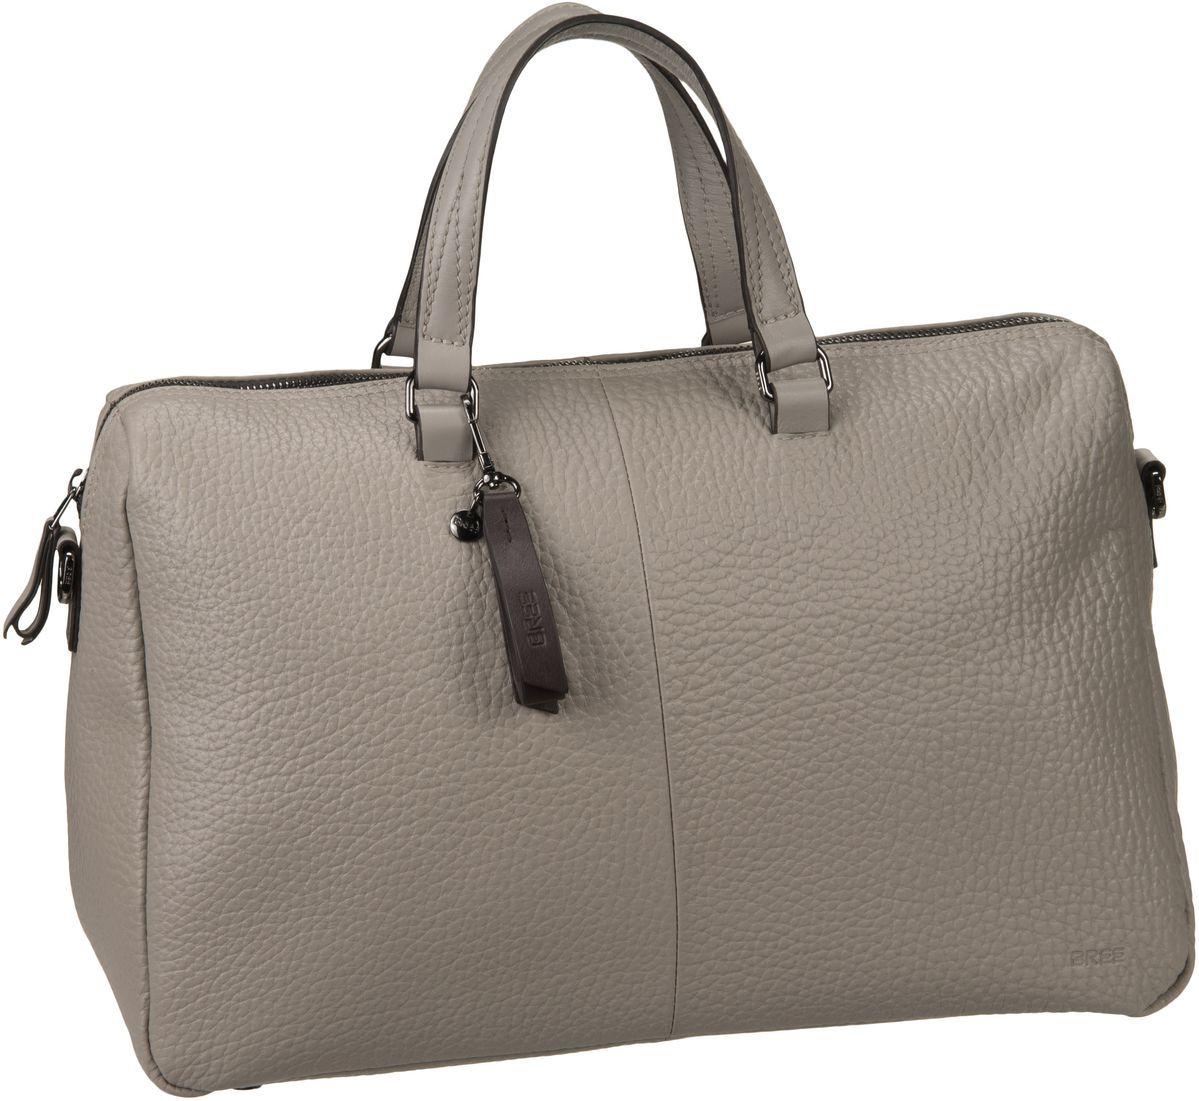 handtaschen f�r frauen bree qina 2 vintage khaki handtasche  handtaschen f�r frauen bree qina 2 vintage khaki handtasche